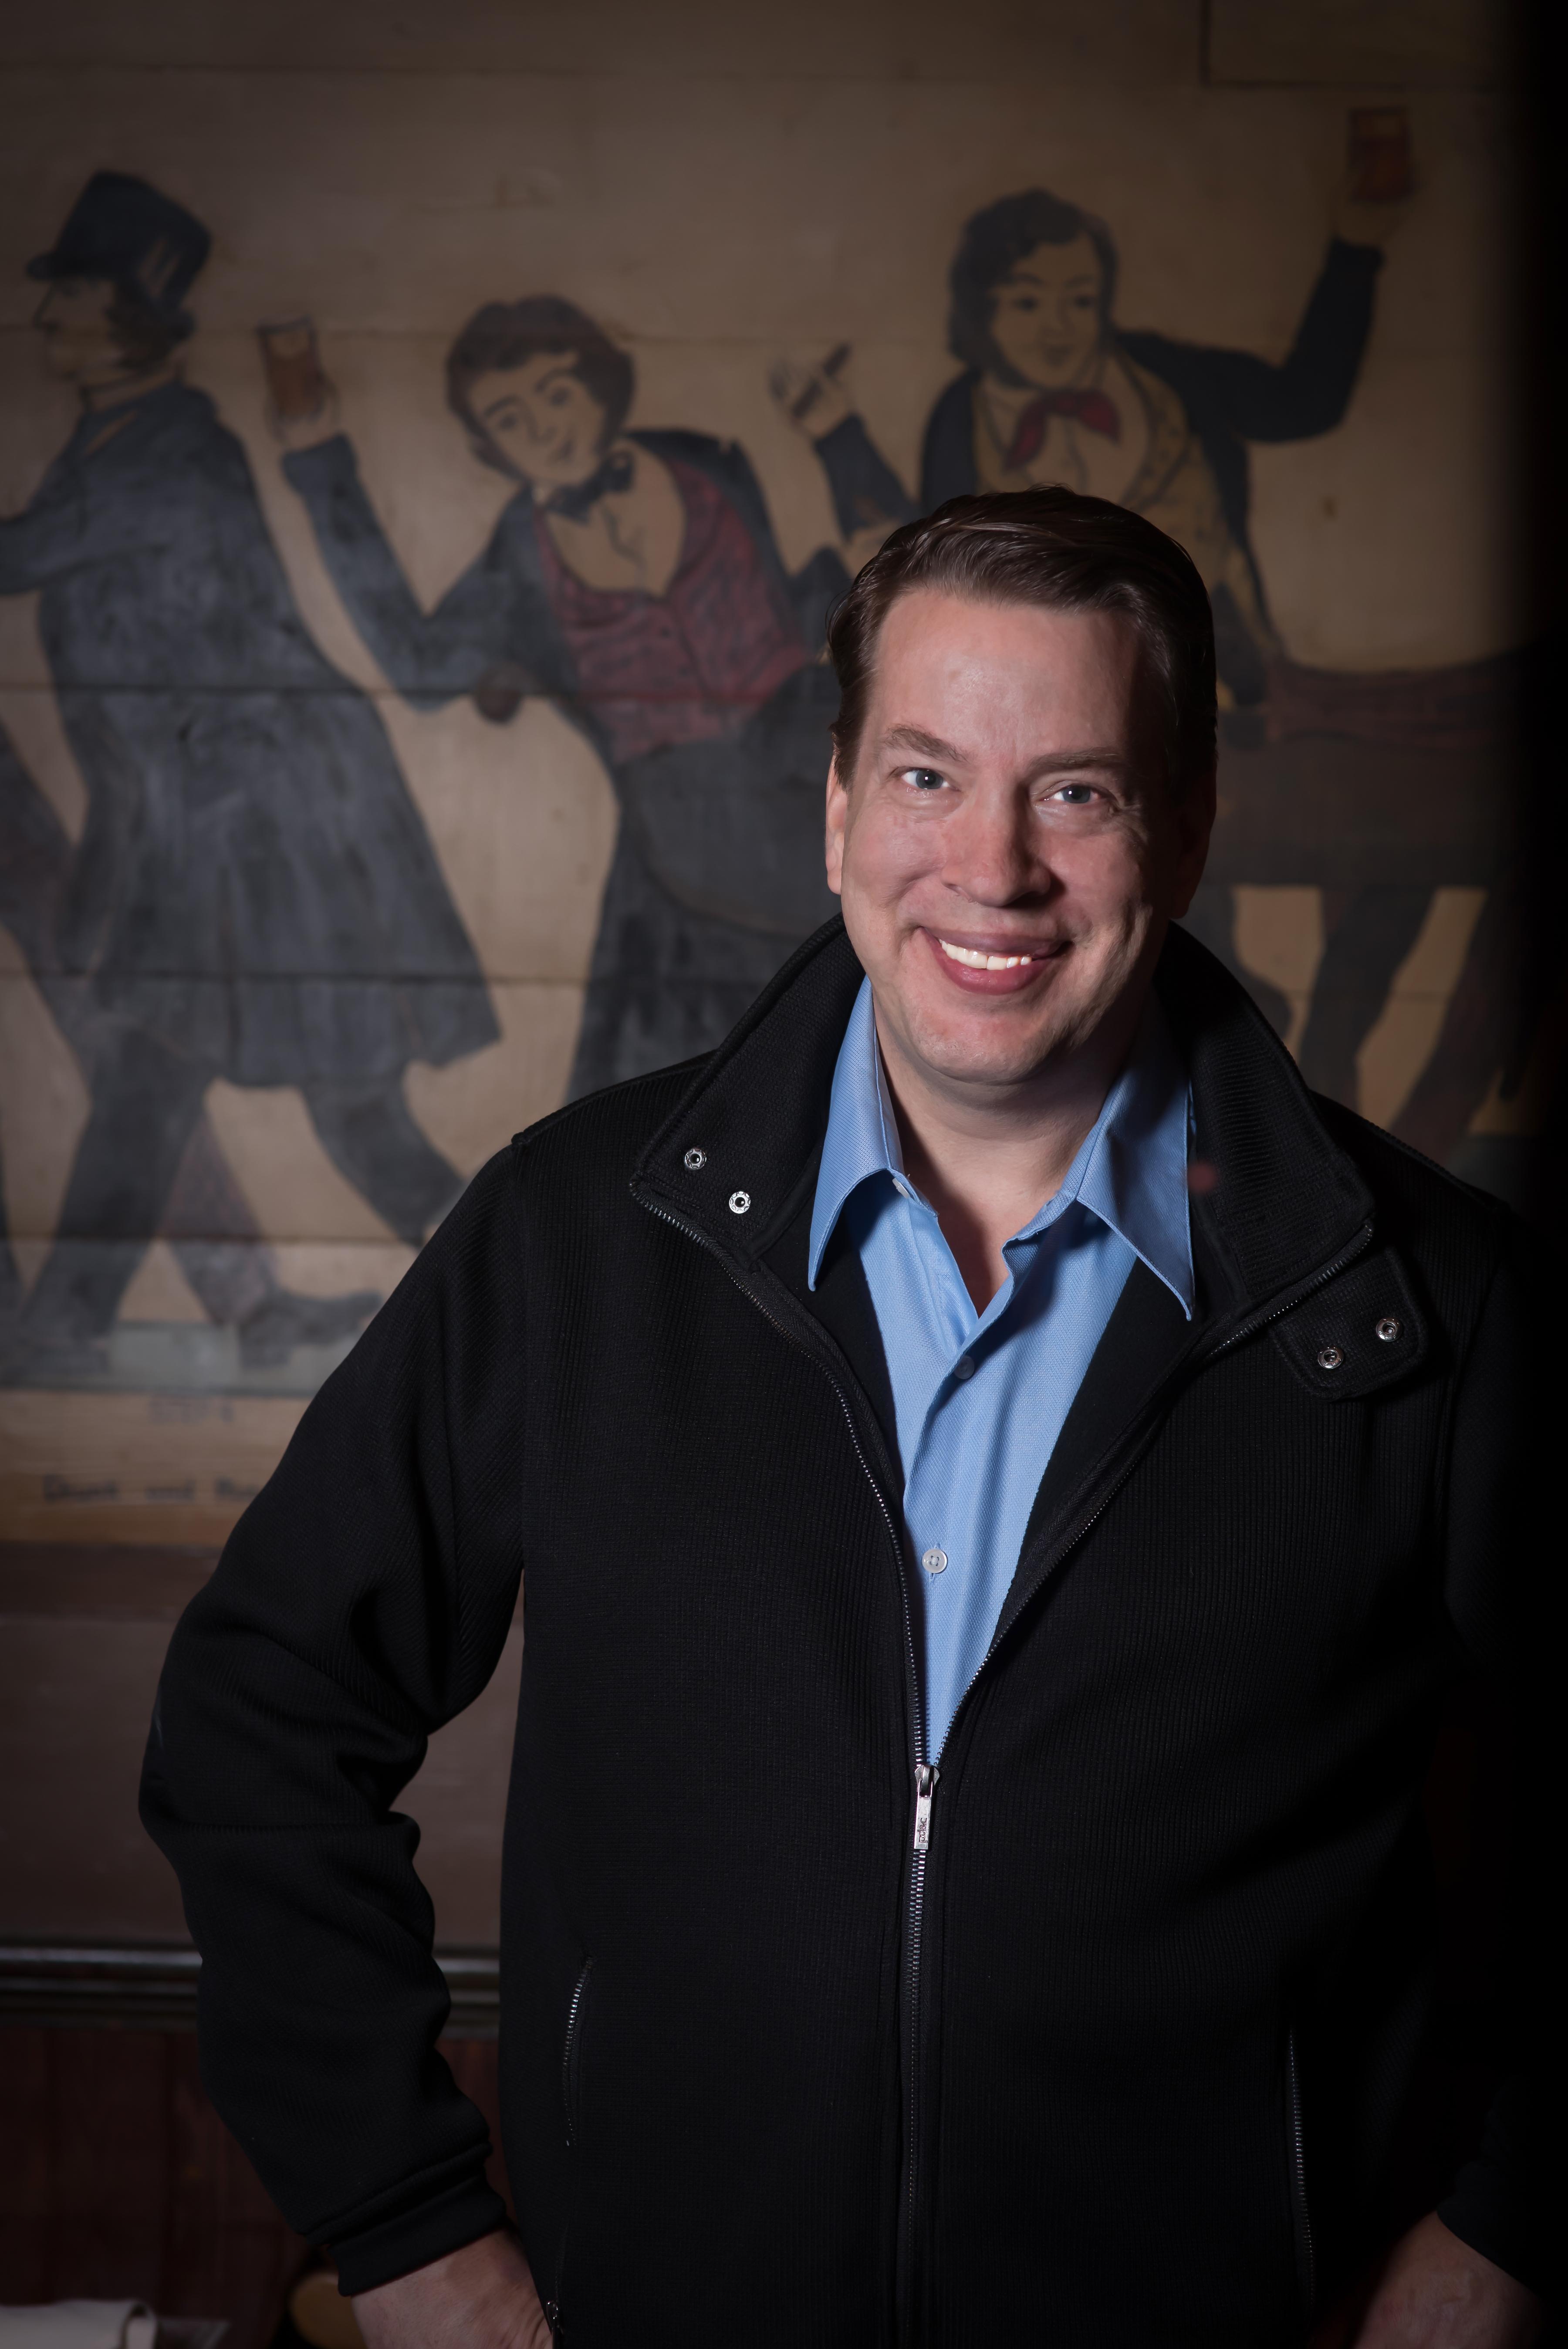 Executive Chef Stephen Barck